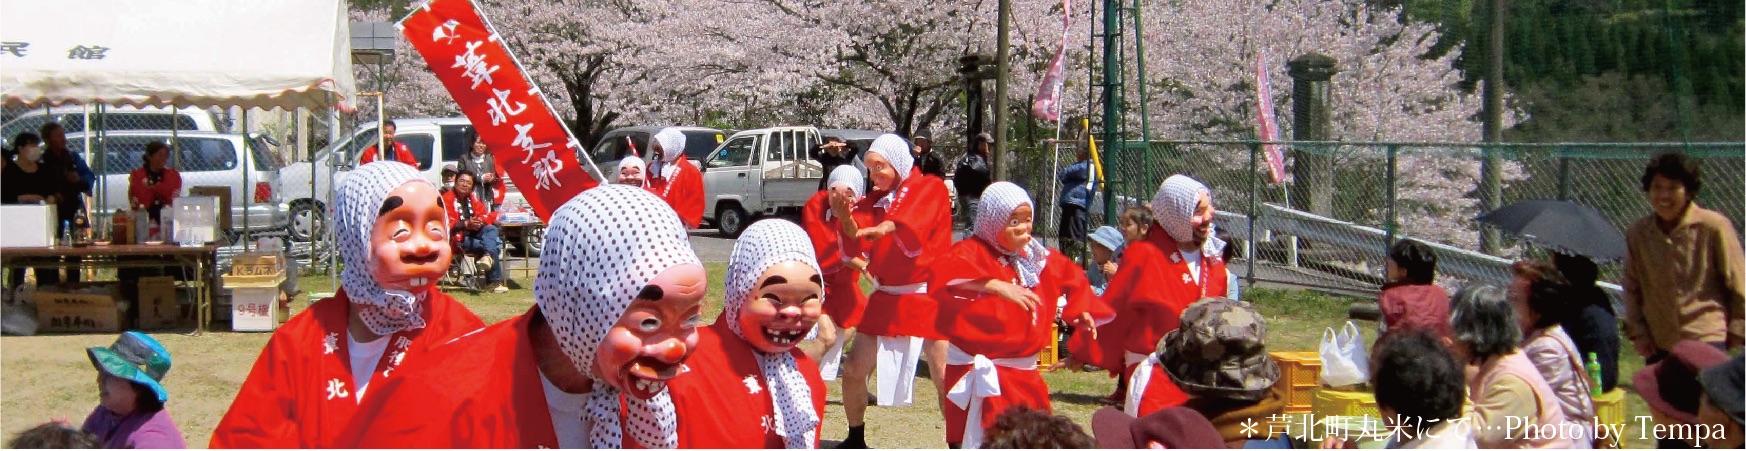 芦北町旧丸米小学校春祭